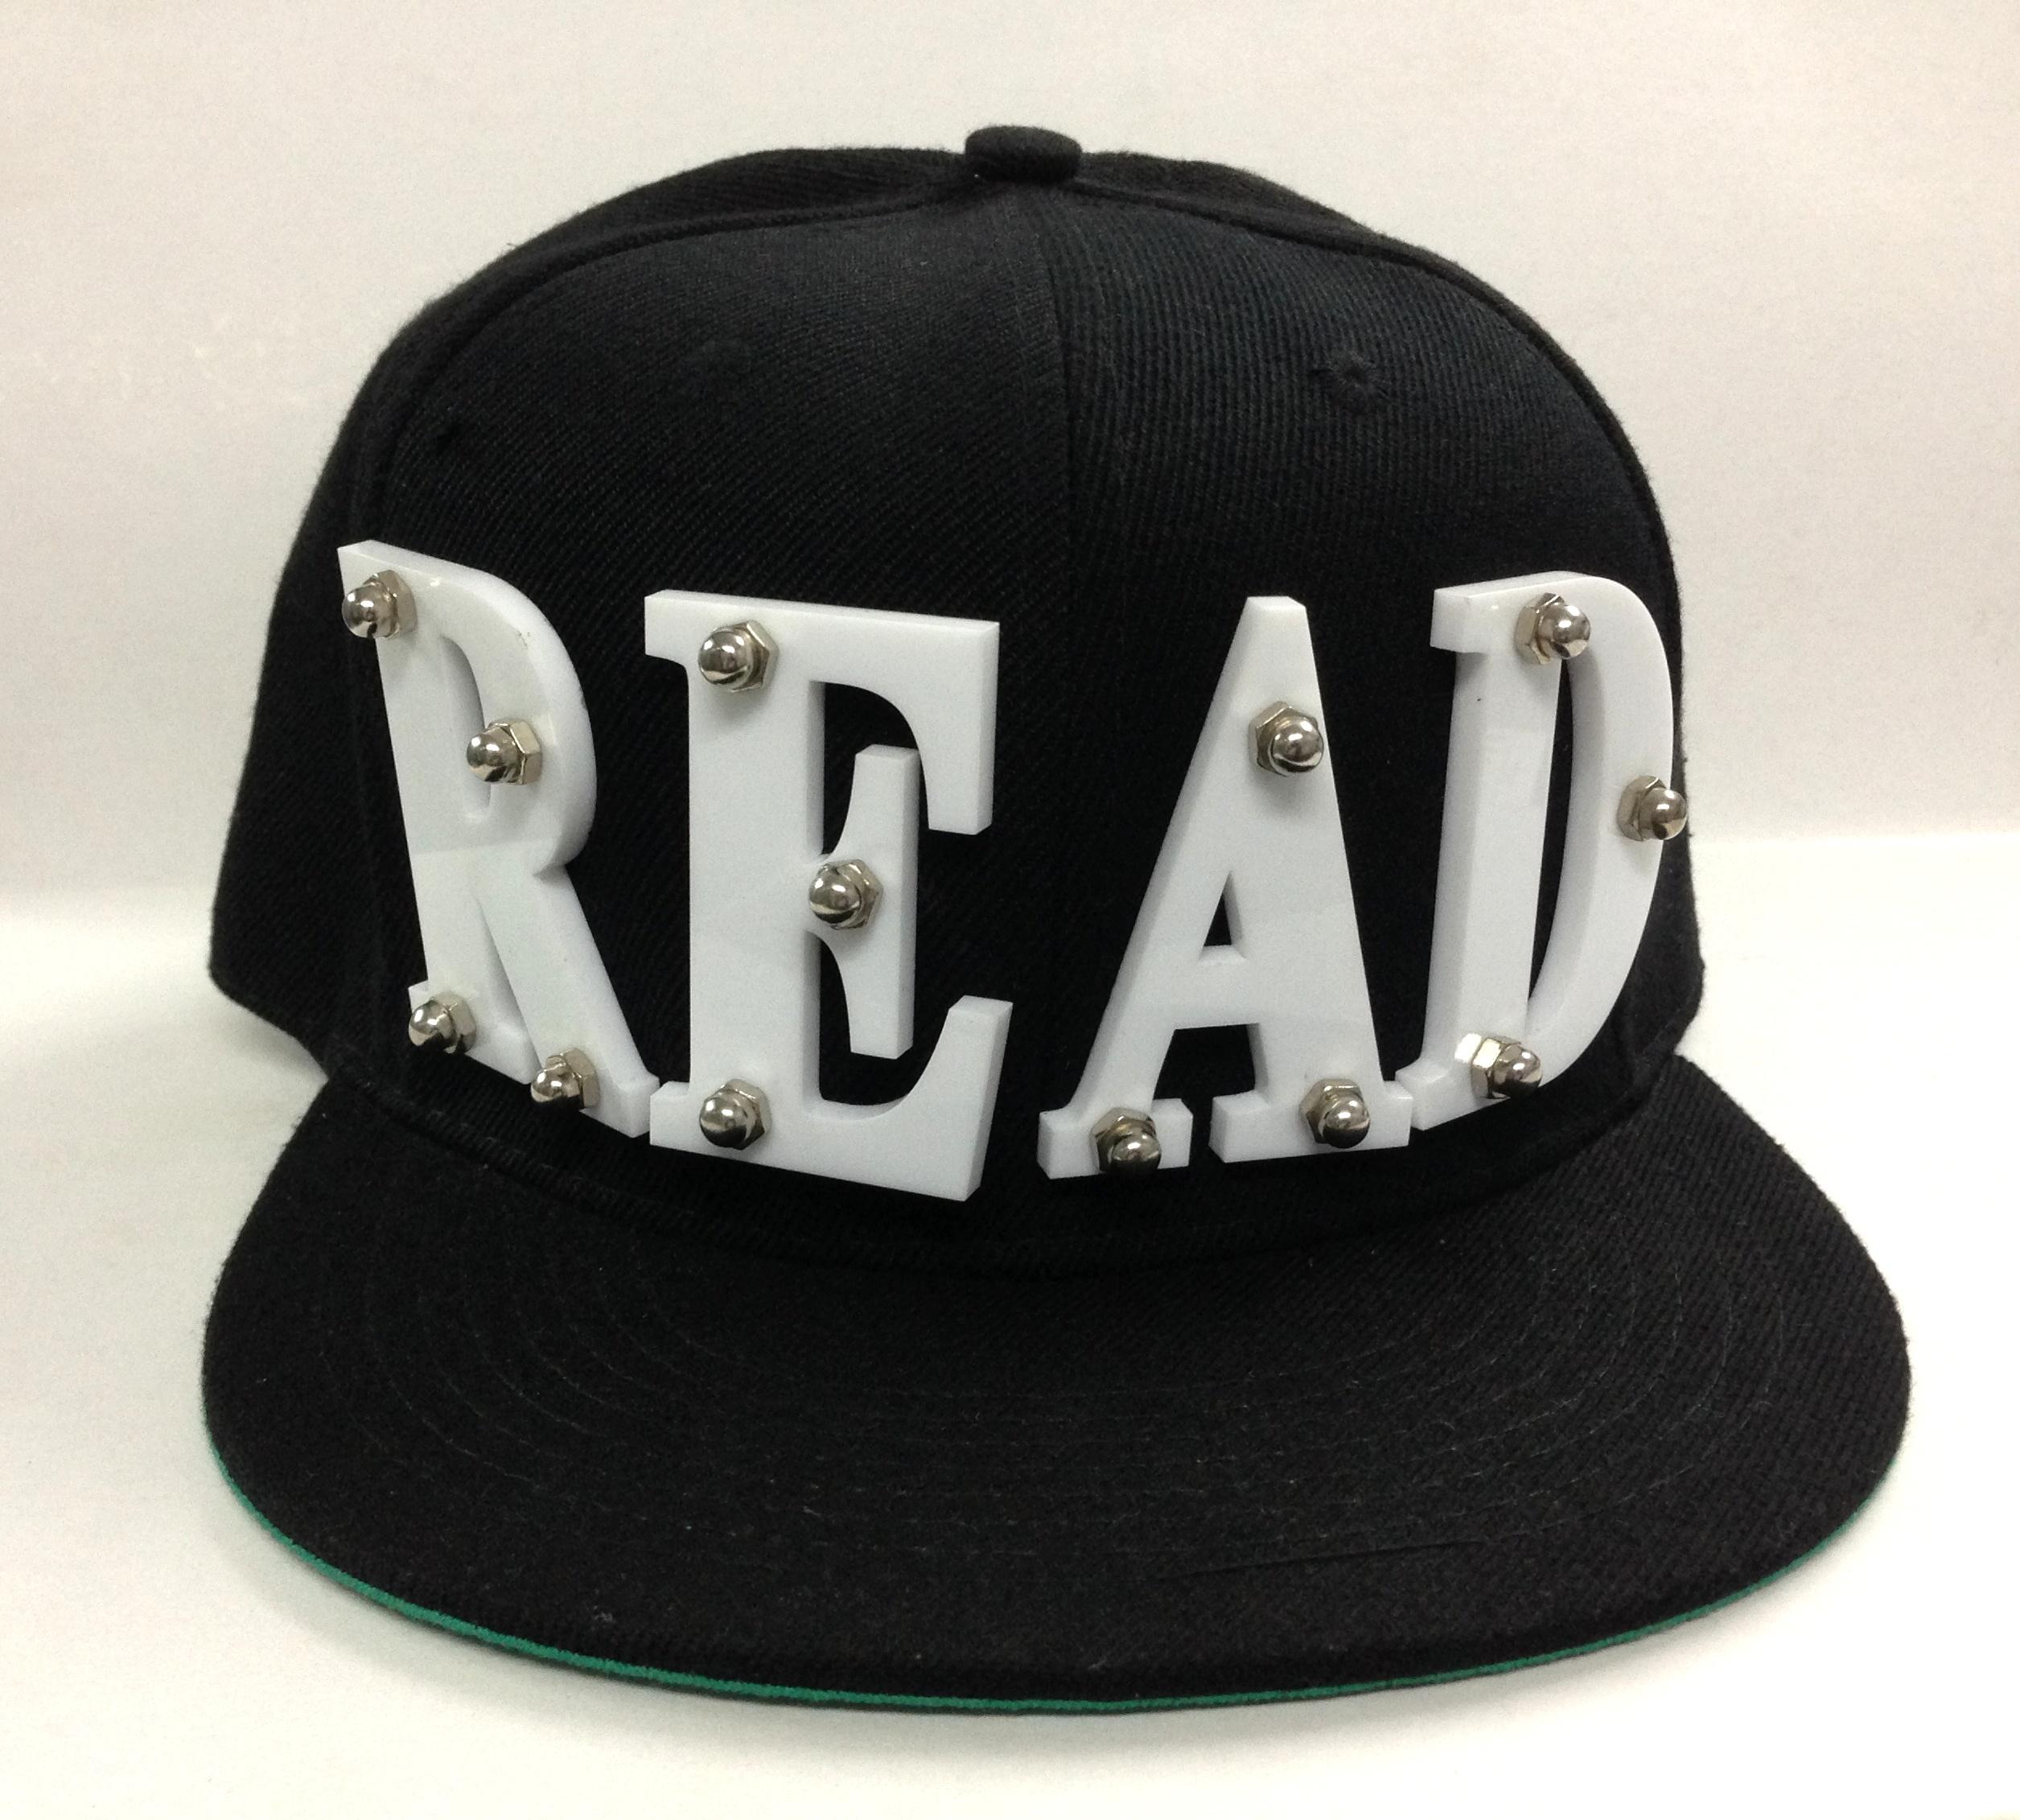 259bd089d05 Read Snapback Hiphop Caps Best Deals With Price Comparison Online ...